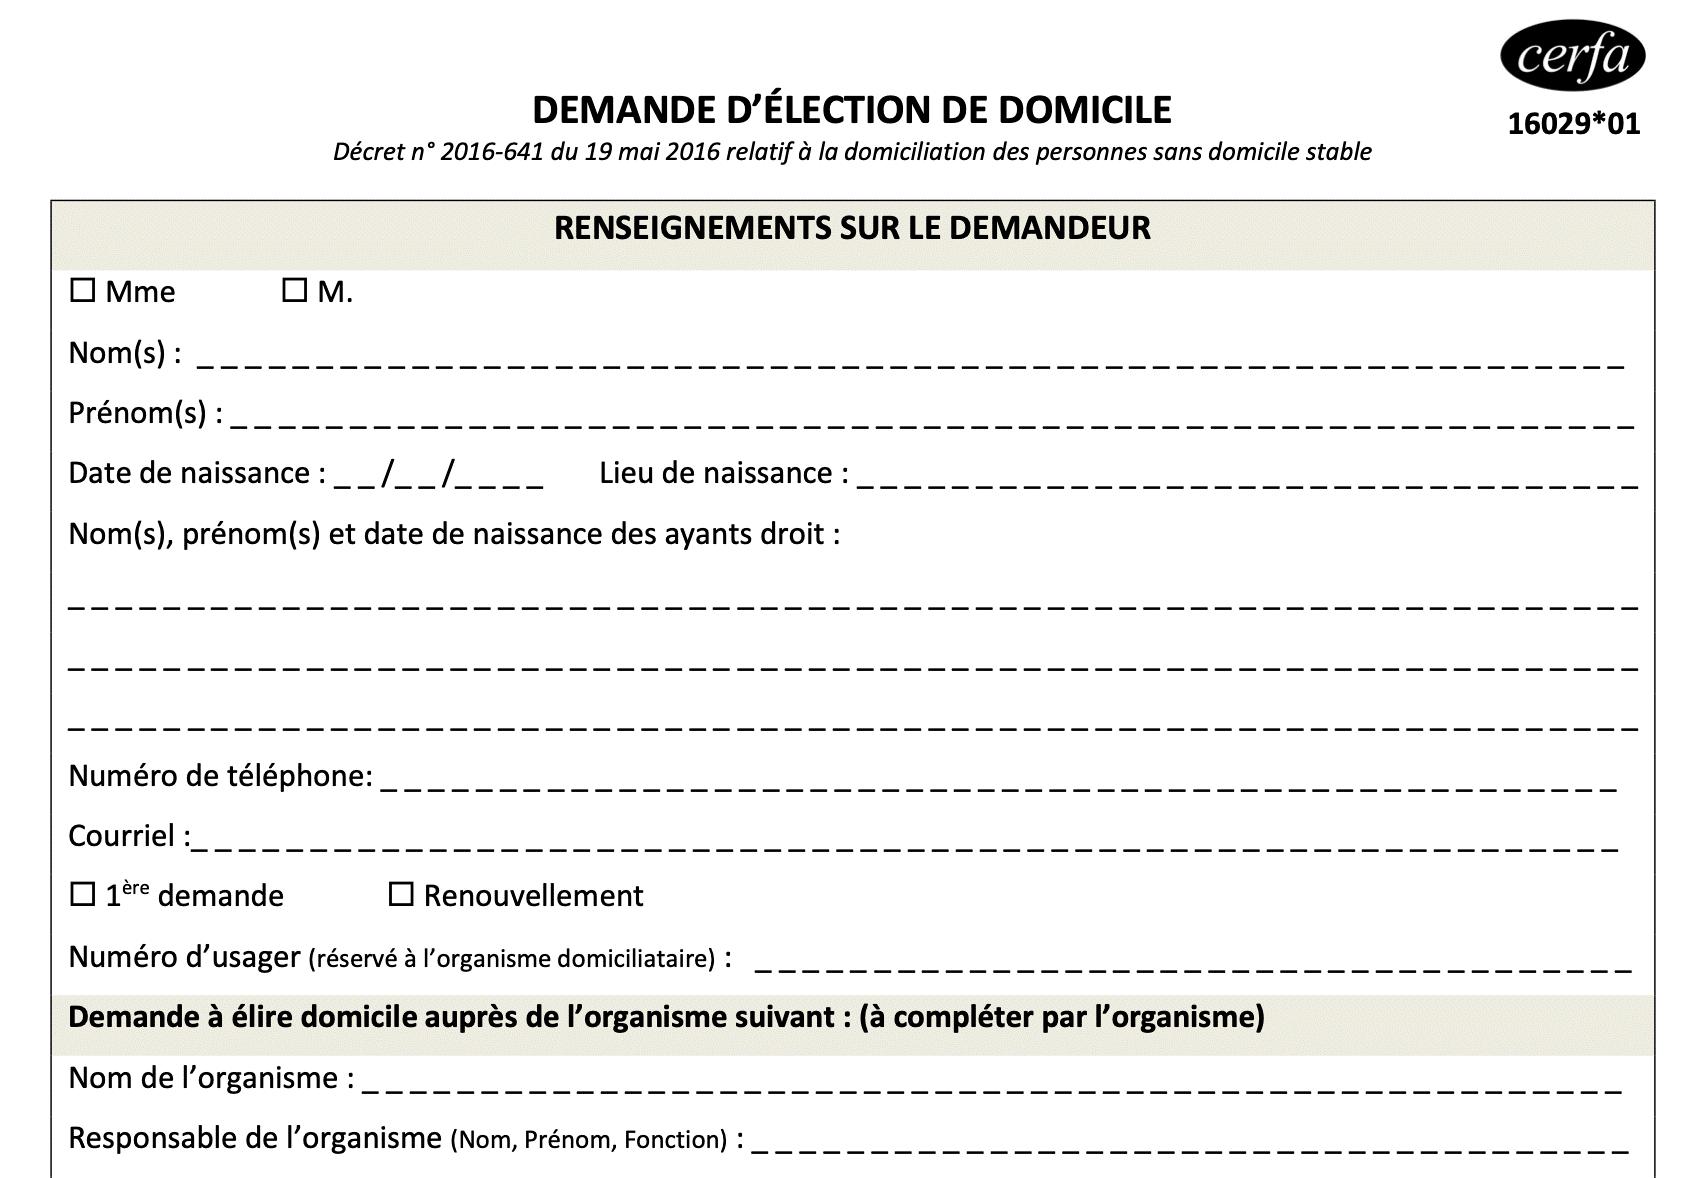 procédures administratives pour un changement d'adresse ou pour l'achat/vente d'un véhicule